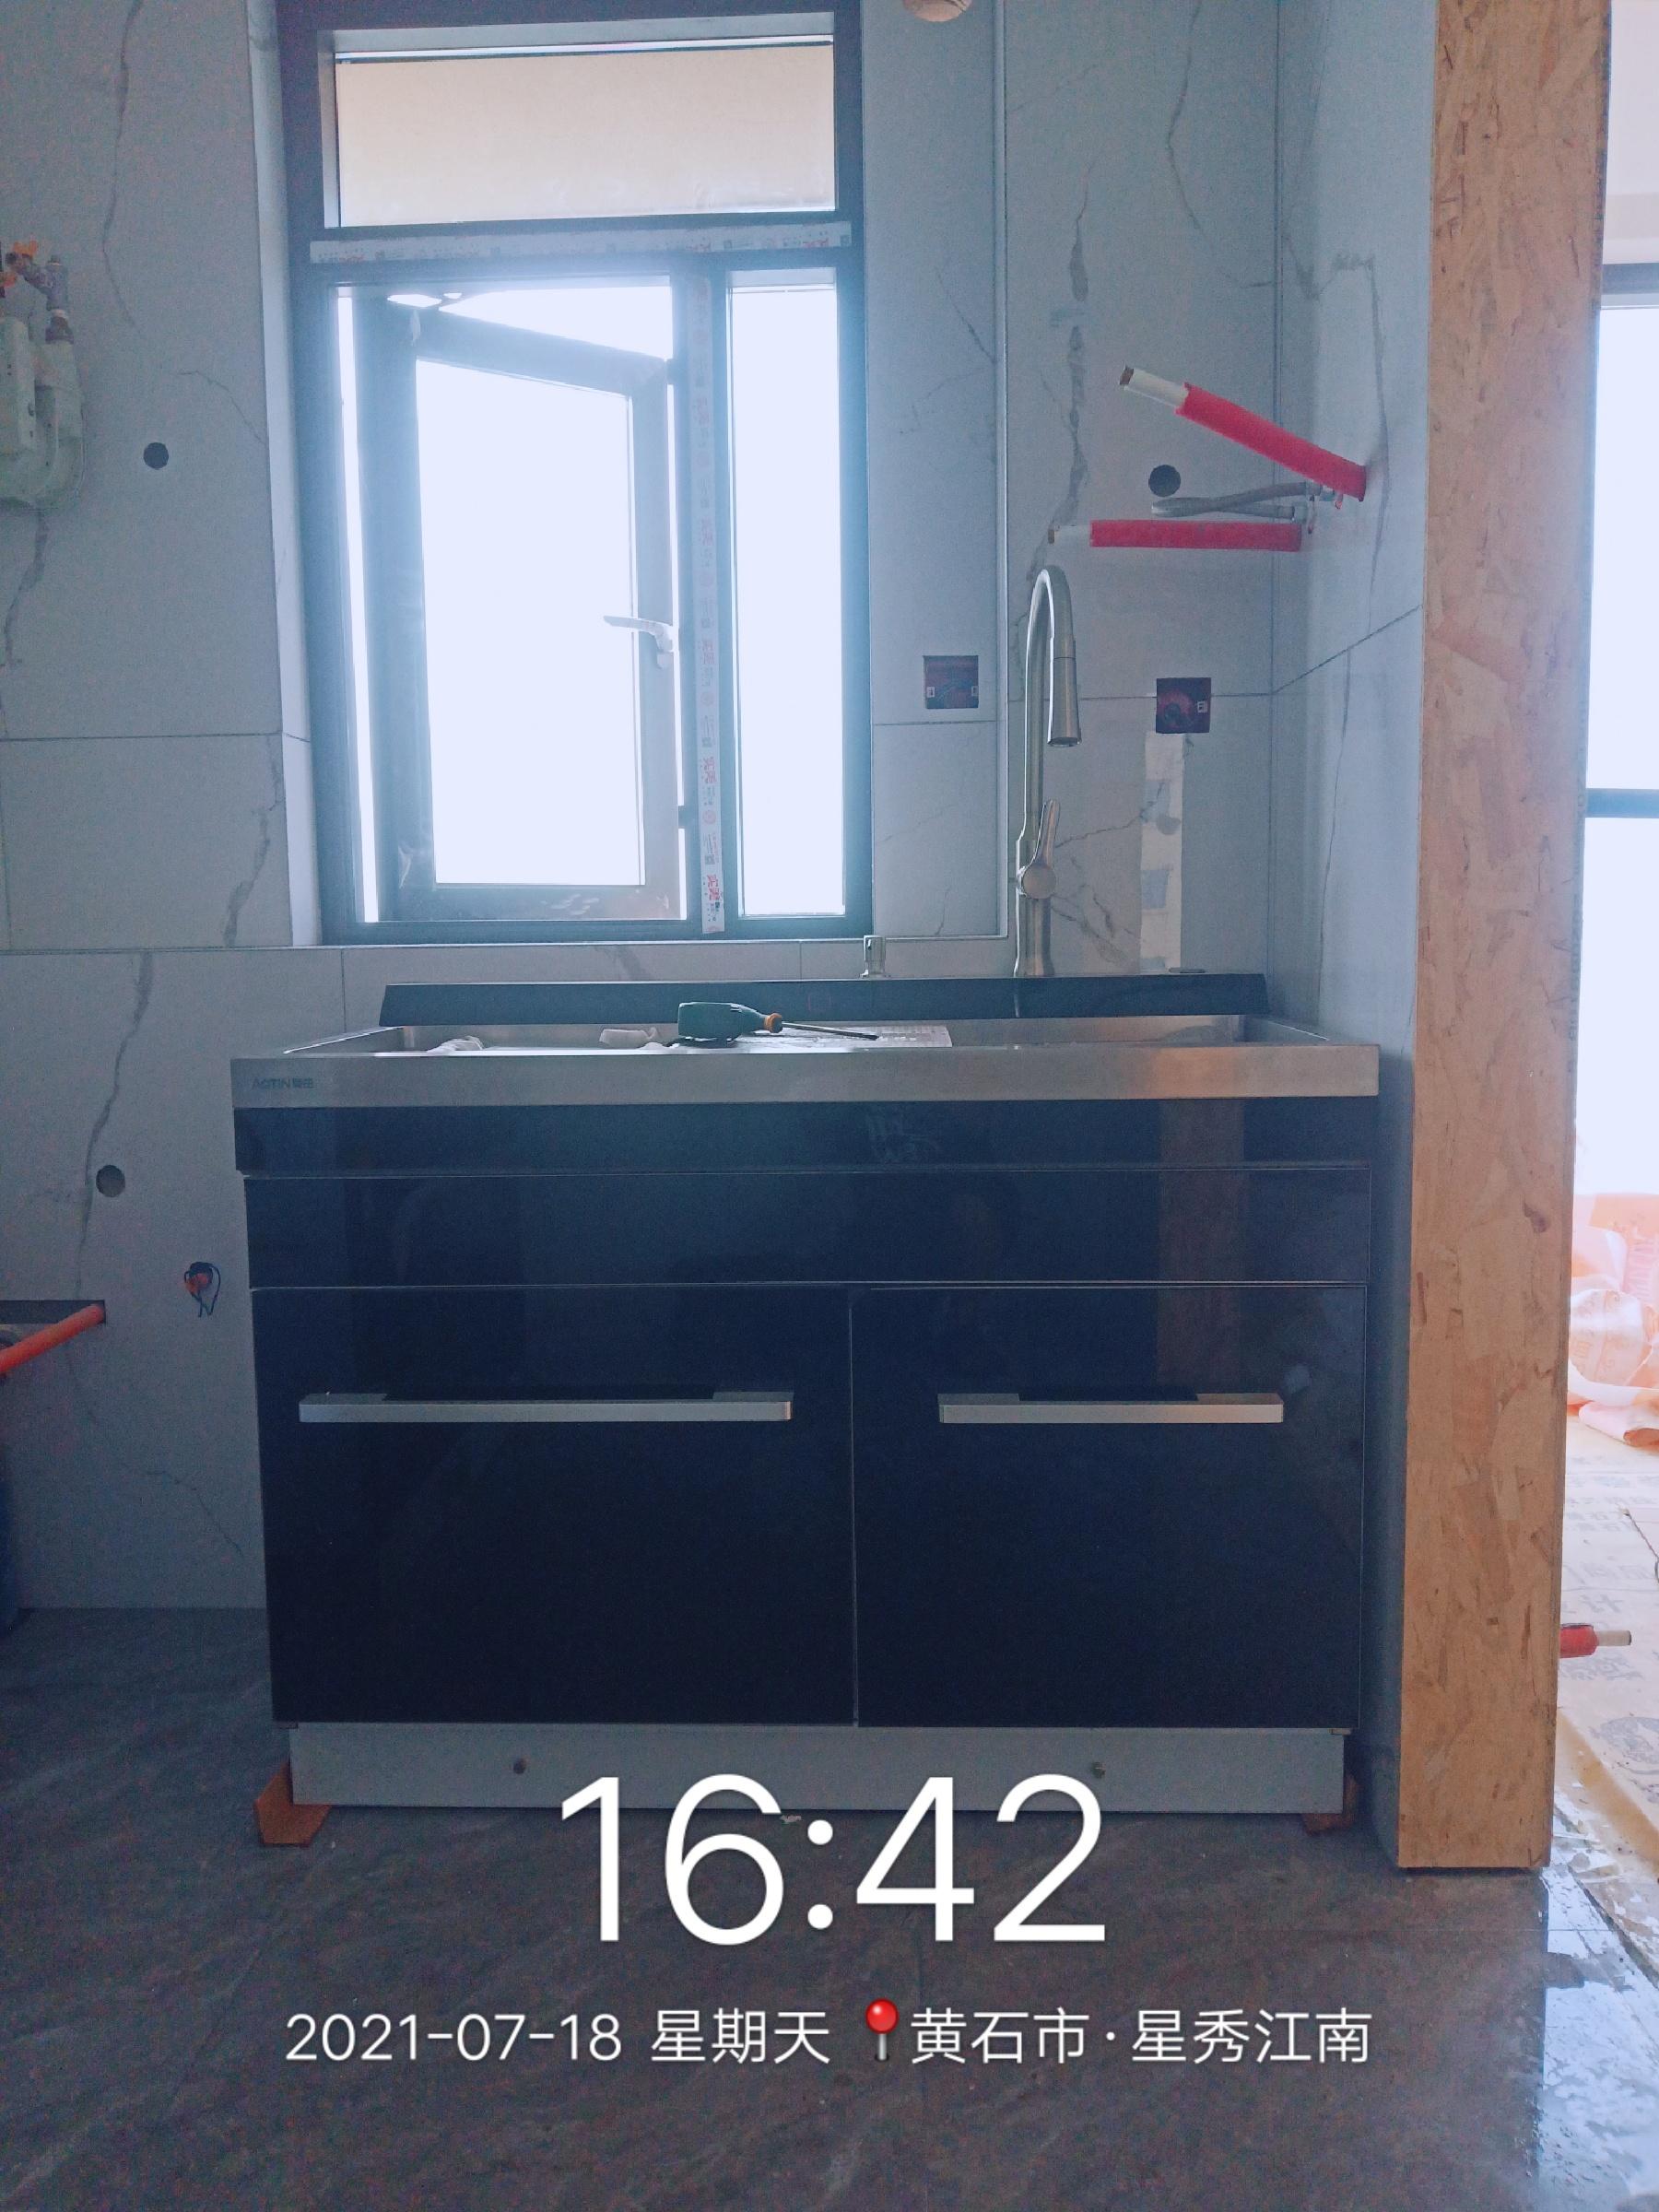 2021_07_18_16_42_51.jpg